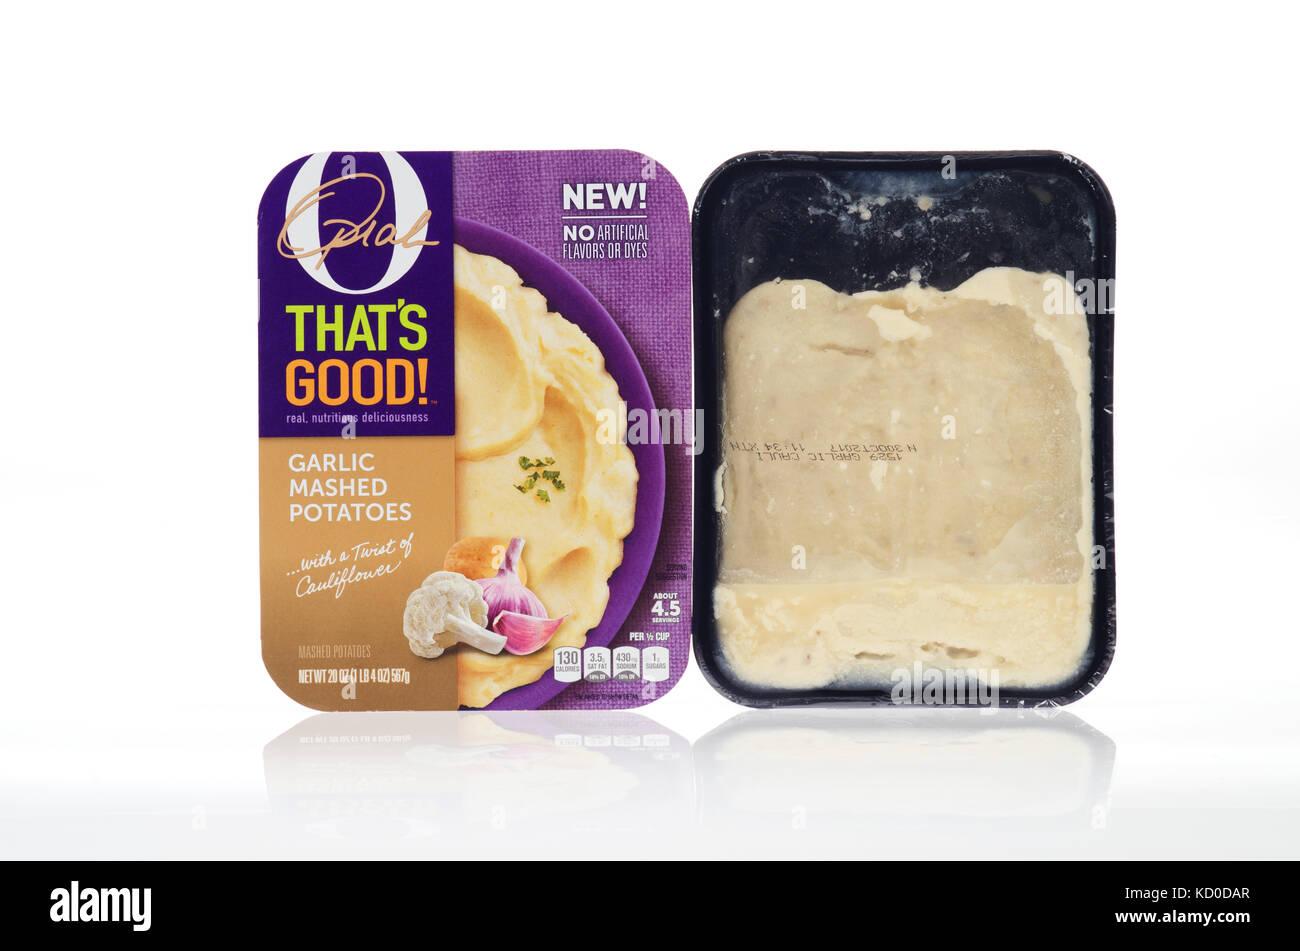 O ESO GOO ! Confort de alimentos preparados refrigerados por Oprah Winfrey guarnición de puré de patatas con embalaje Foto de stock